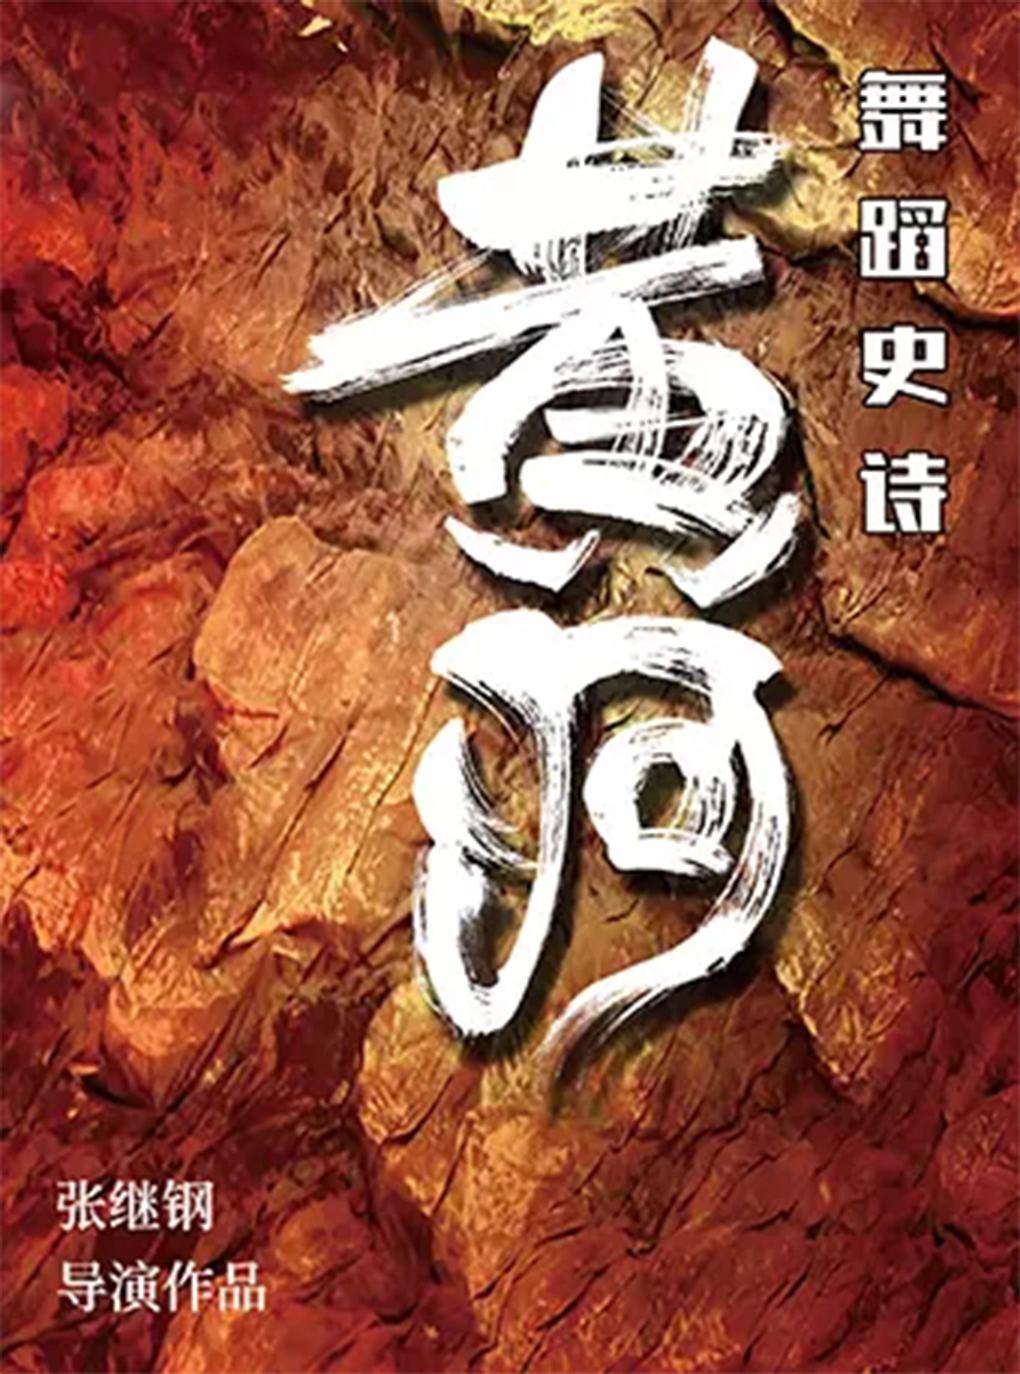 【济南】张继钢作品大型舞蹈史诗《黄河》